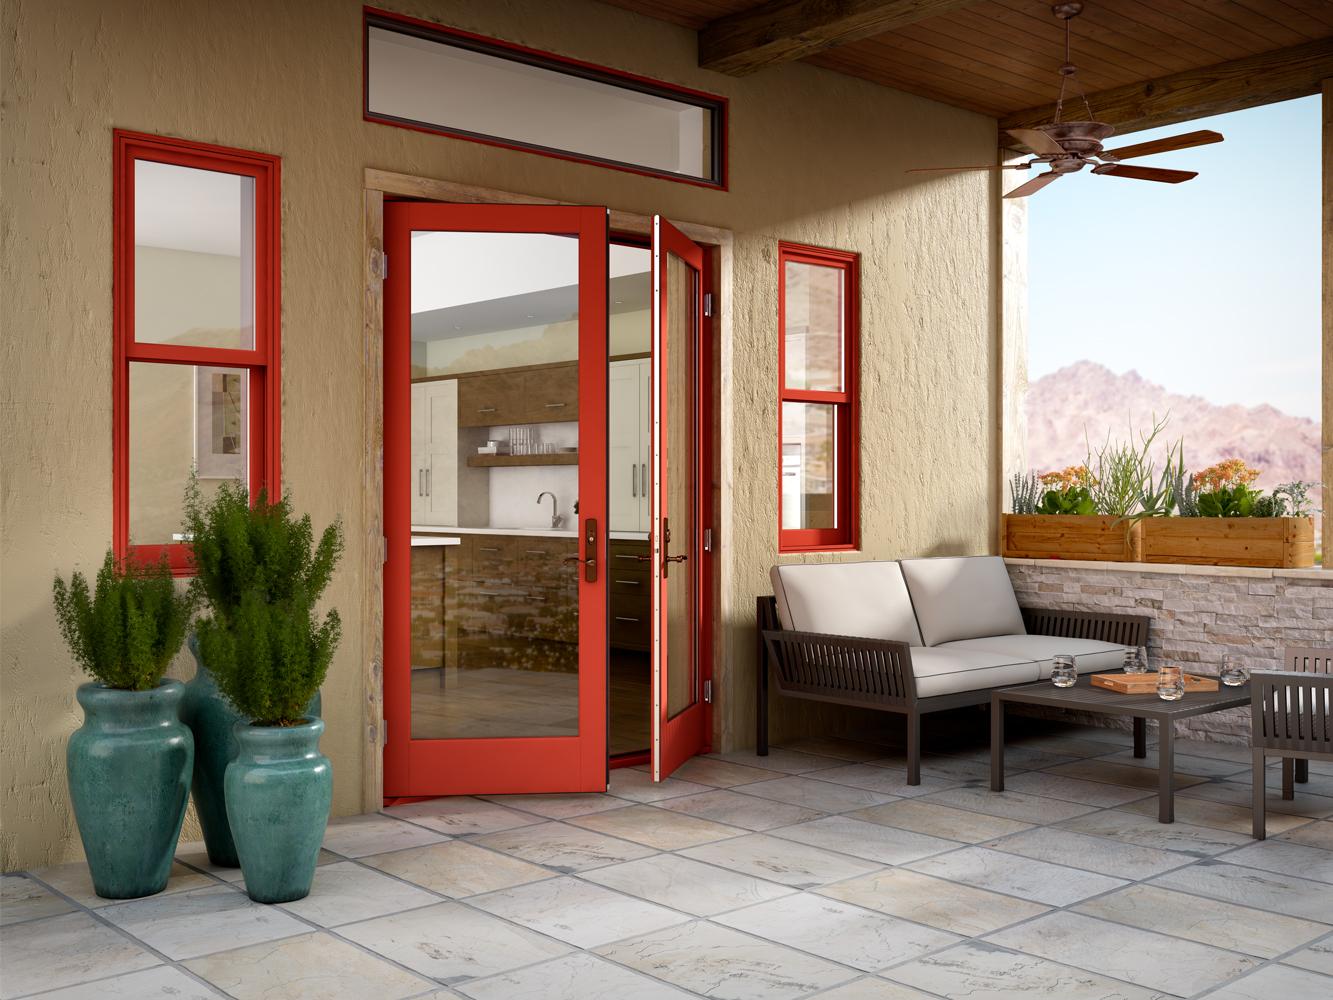 pix-us-cg-red-doors